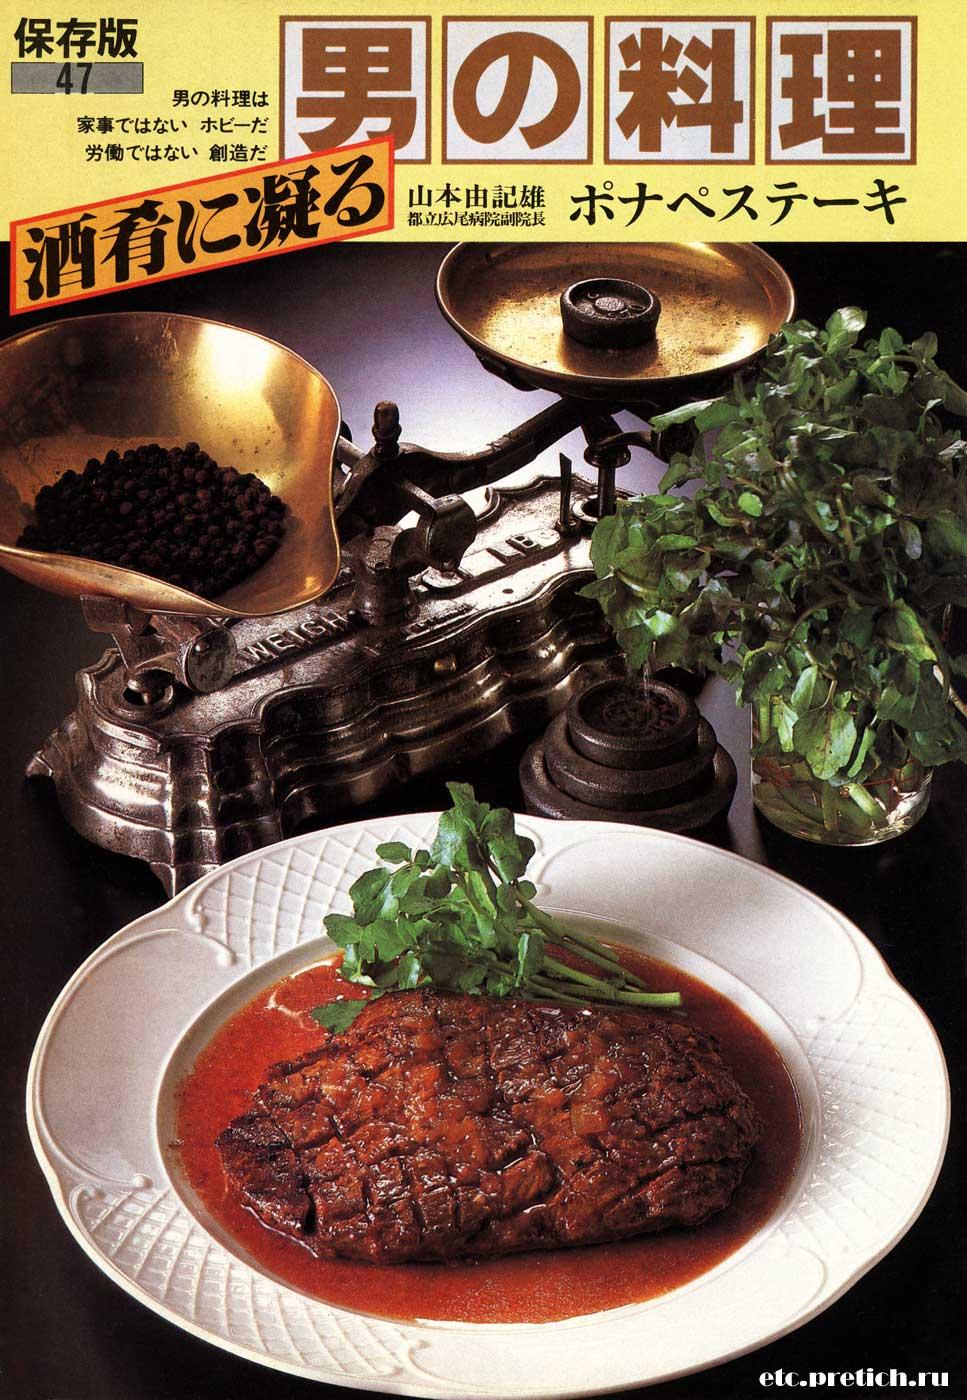 Японская кухня из японских журналов 1983 года